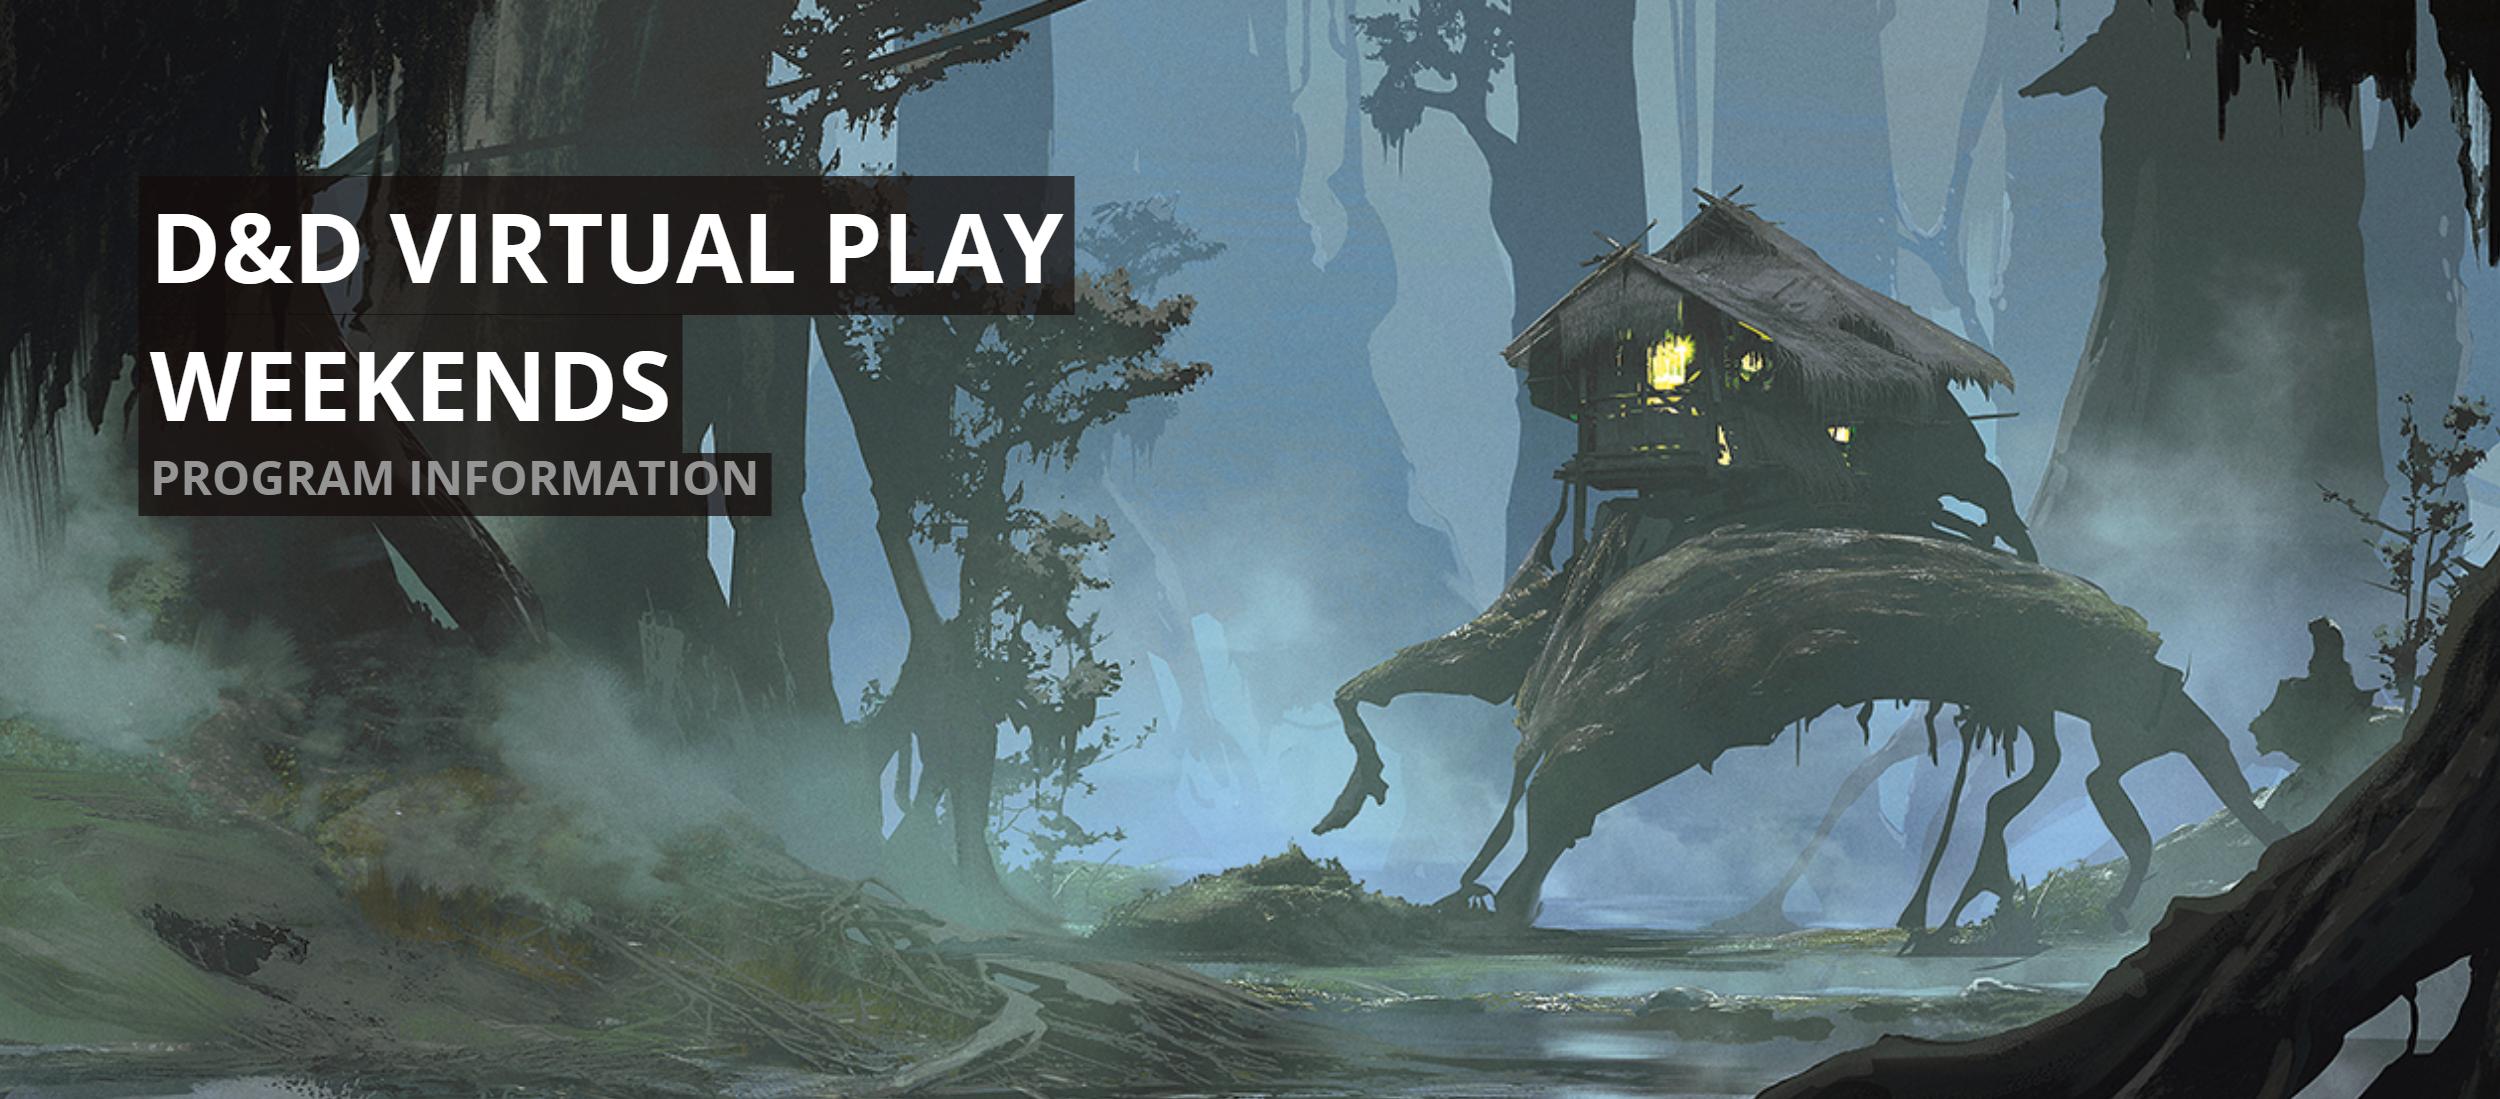 DnD Virtal Play.png